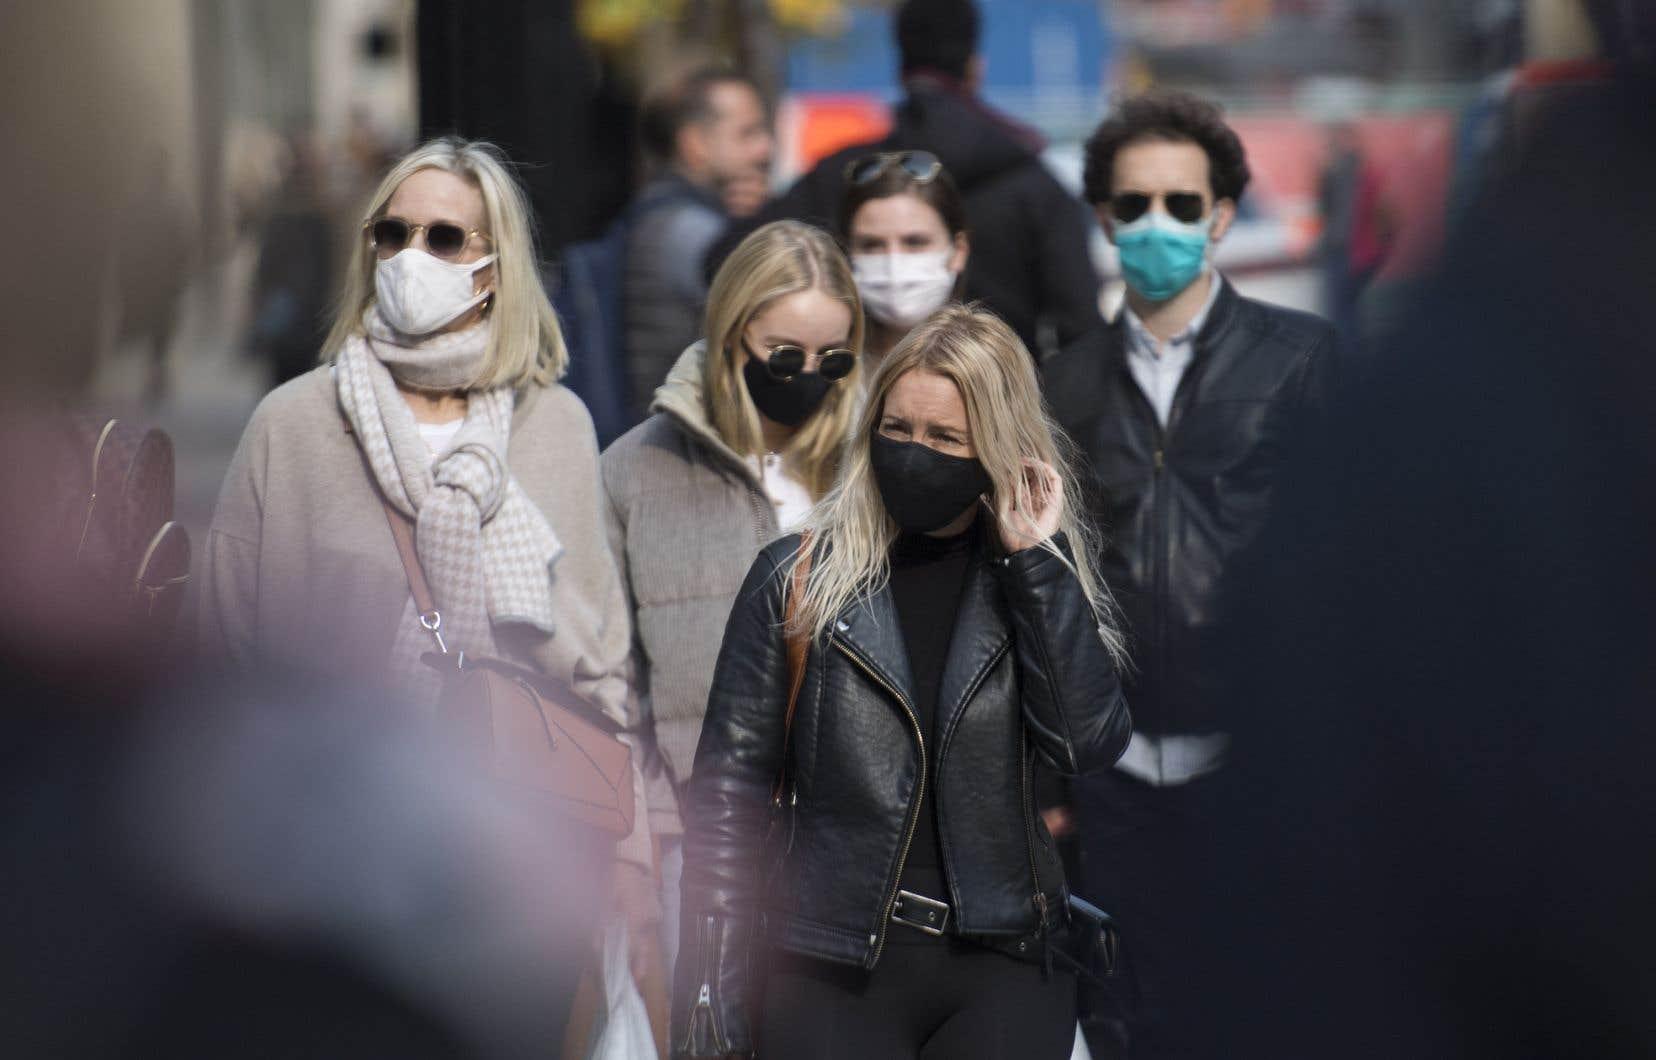 La semaine dernière, Québec a annoncé qu'il travaillait à l'élaboration de normes d'efficacité pour la fabrication de masques non médicaux.